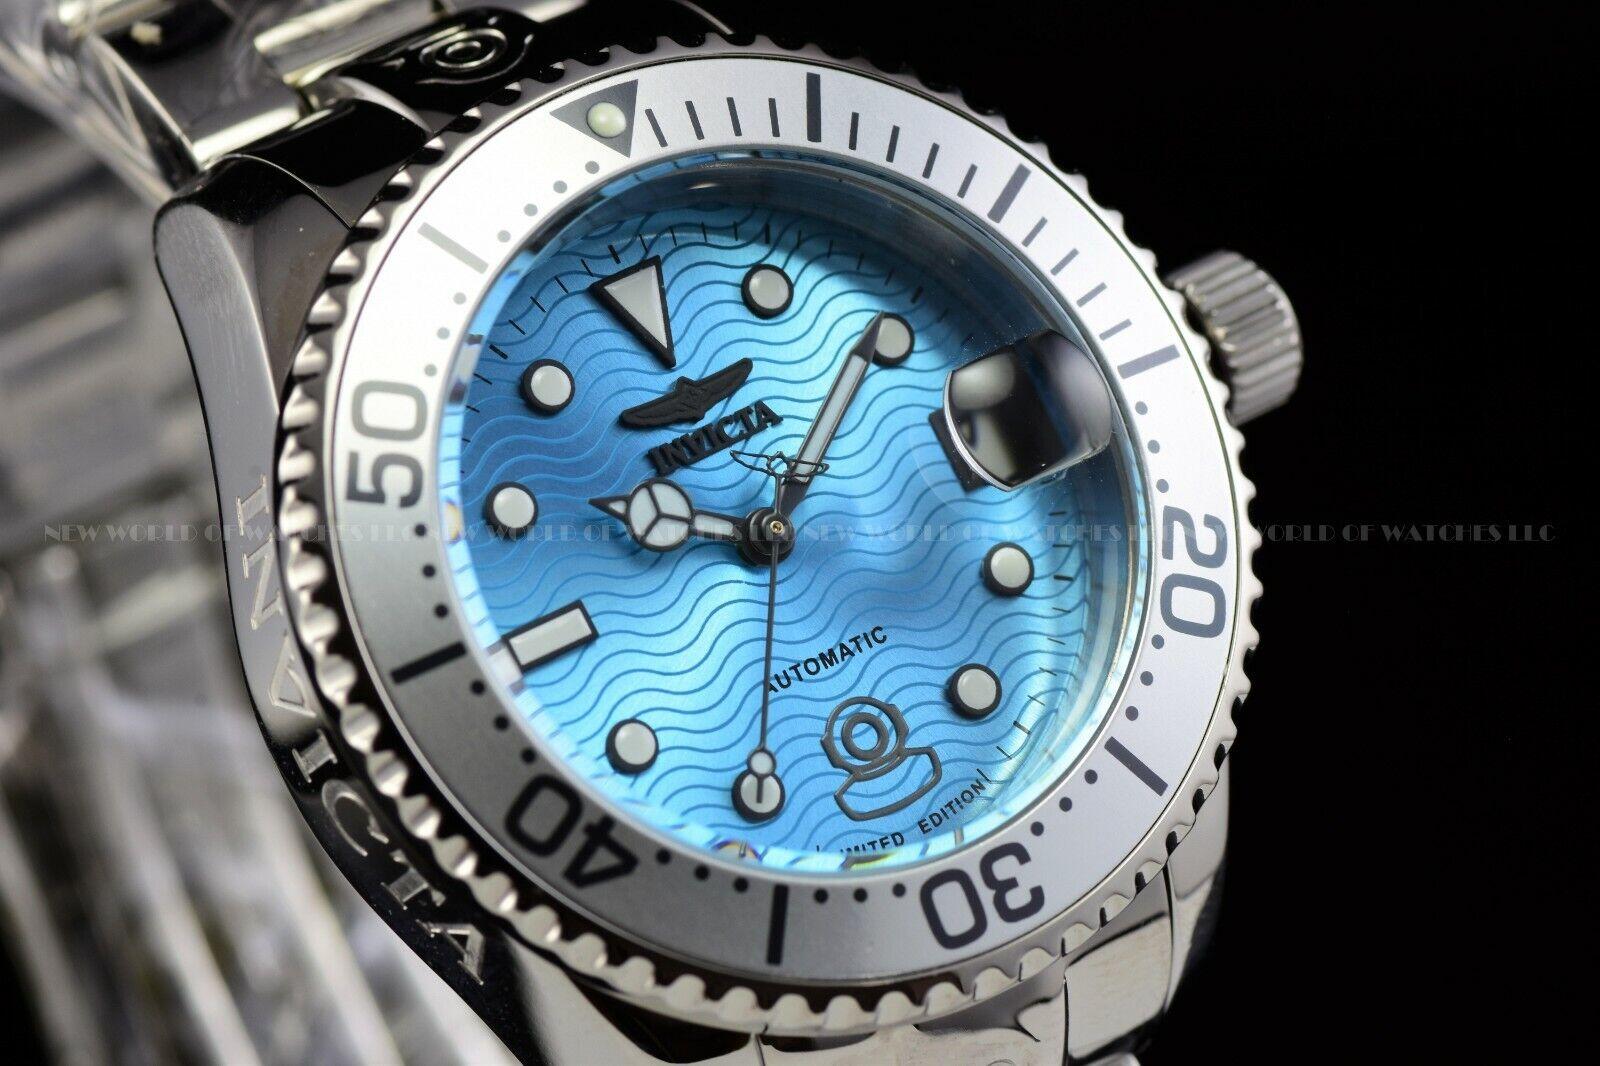 Invicta 38mm Grand Diver Ocean Voyage Limited Ed Aqua Blue 3